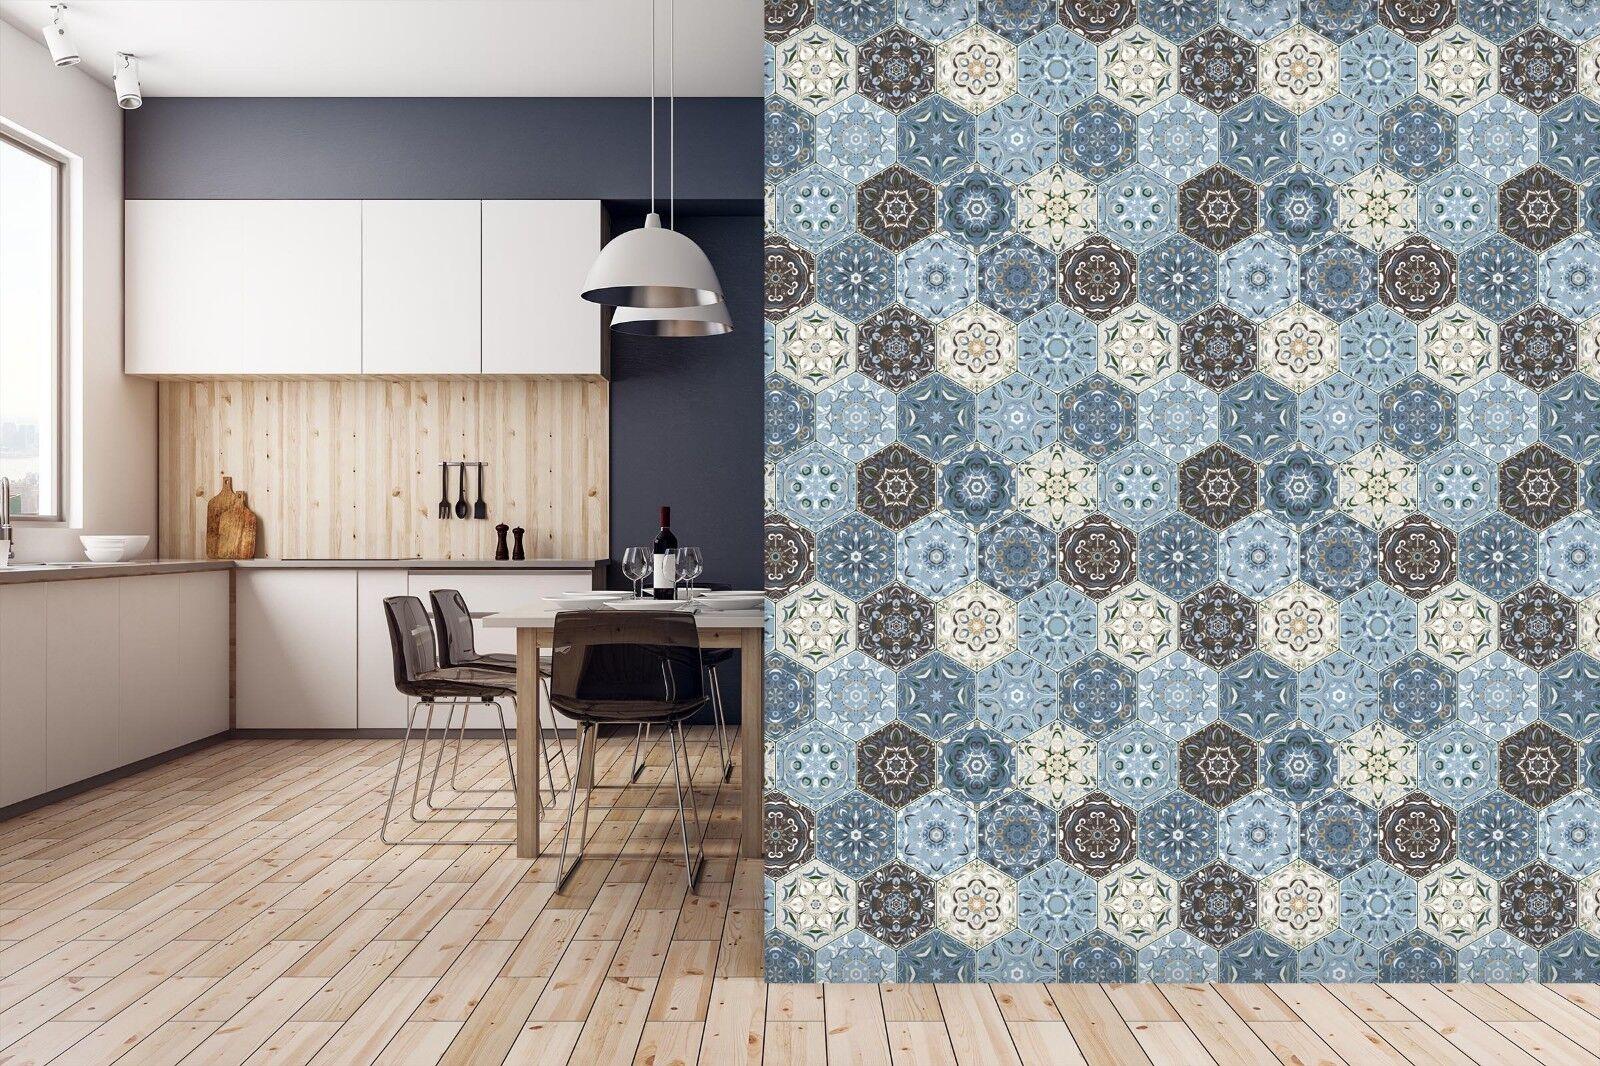 3D Hexagon Flower 428 Texture Tiles Marble Wall Paper Decal Wallpaper Mural